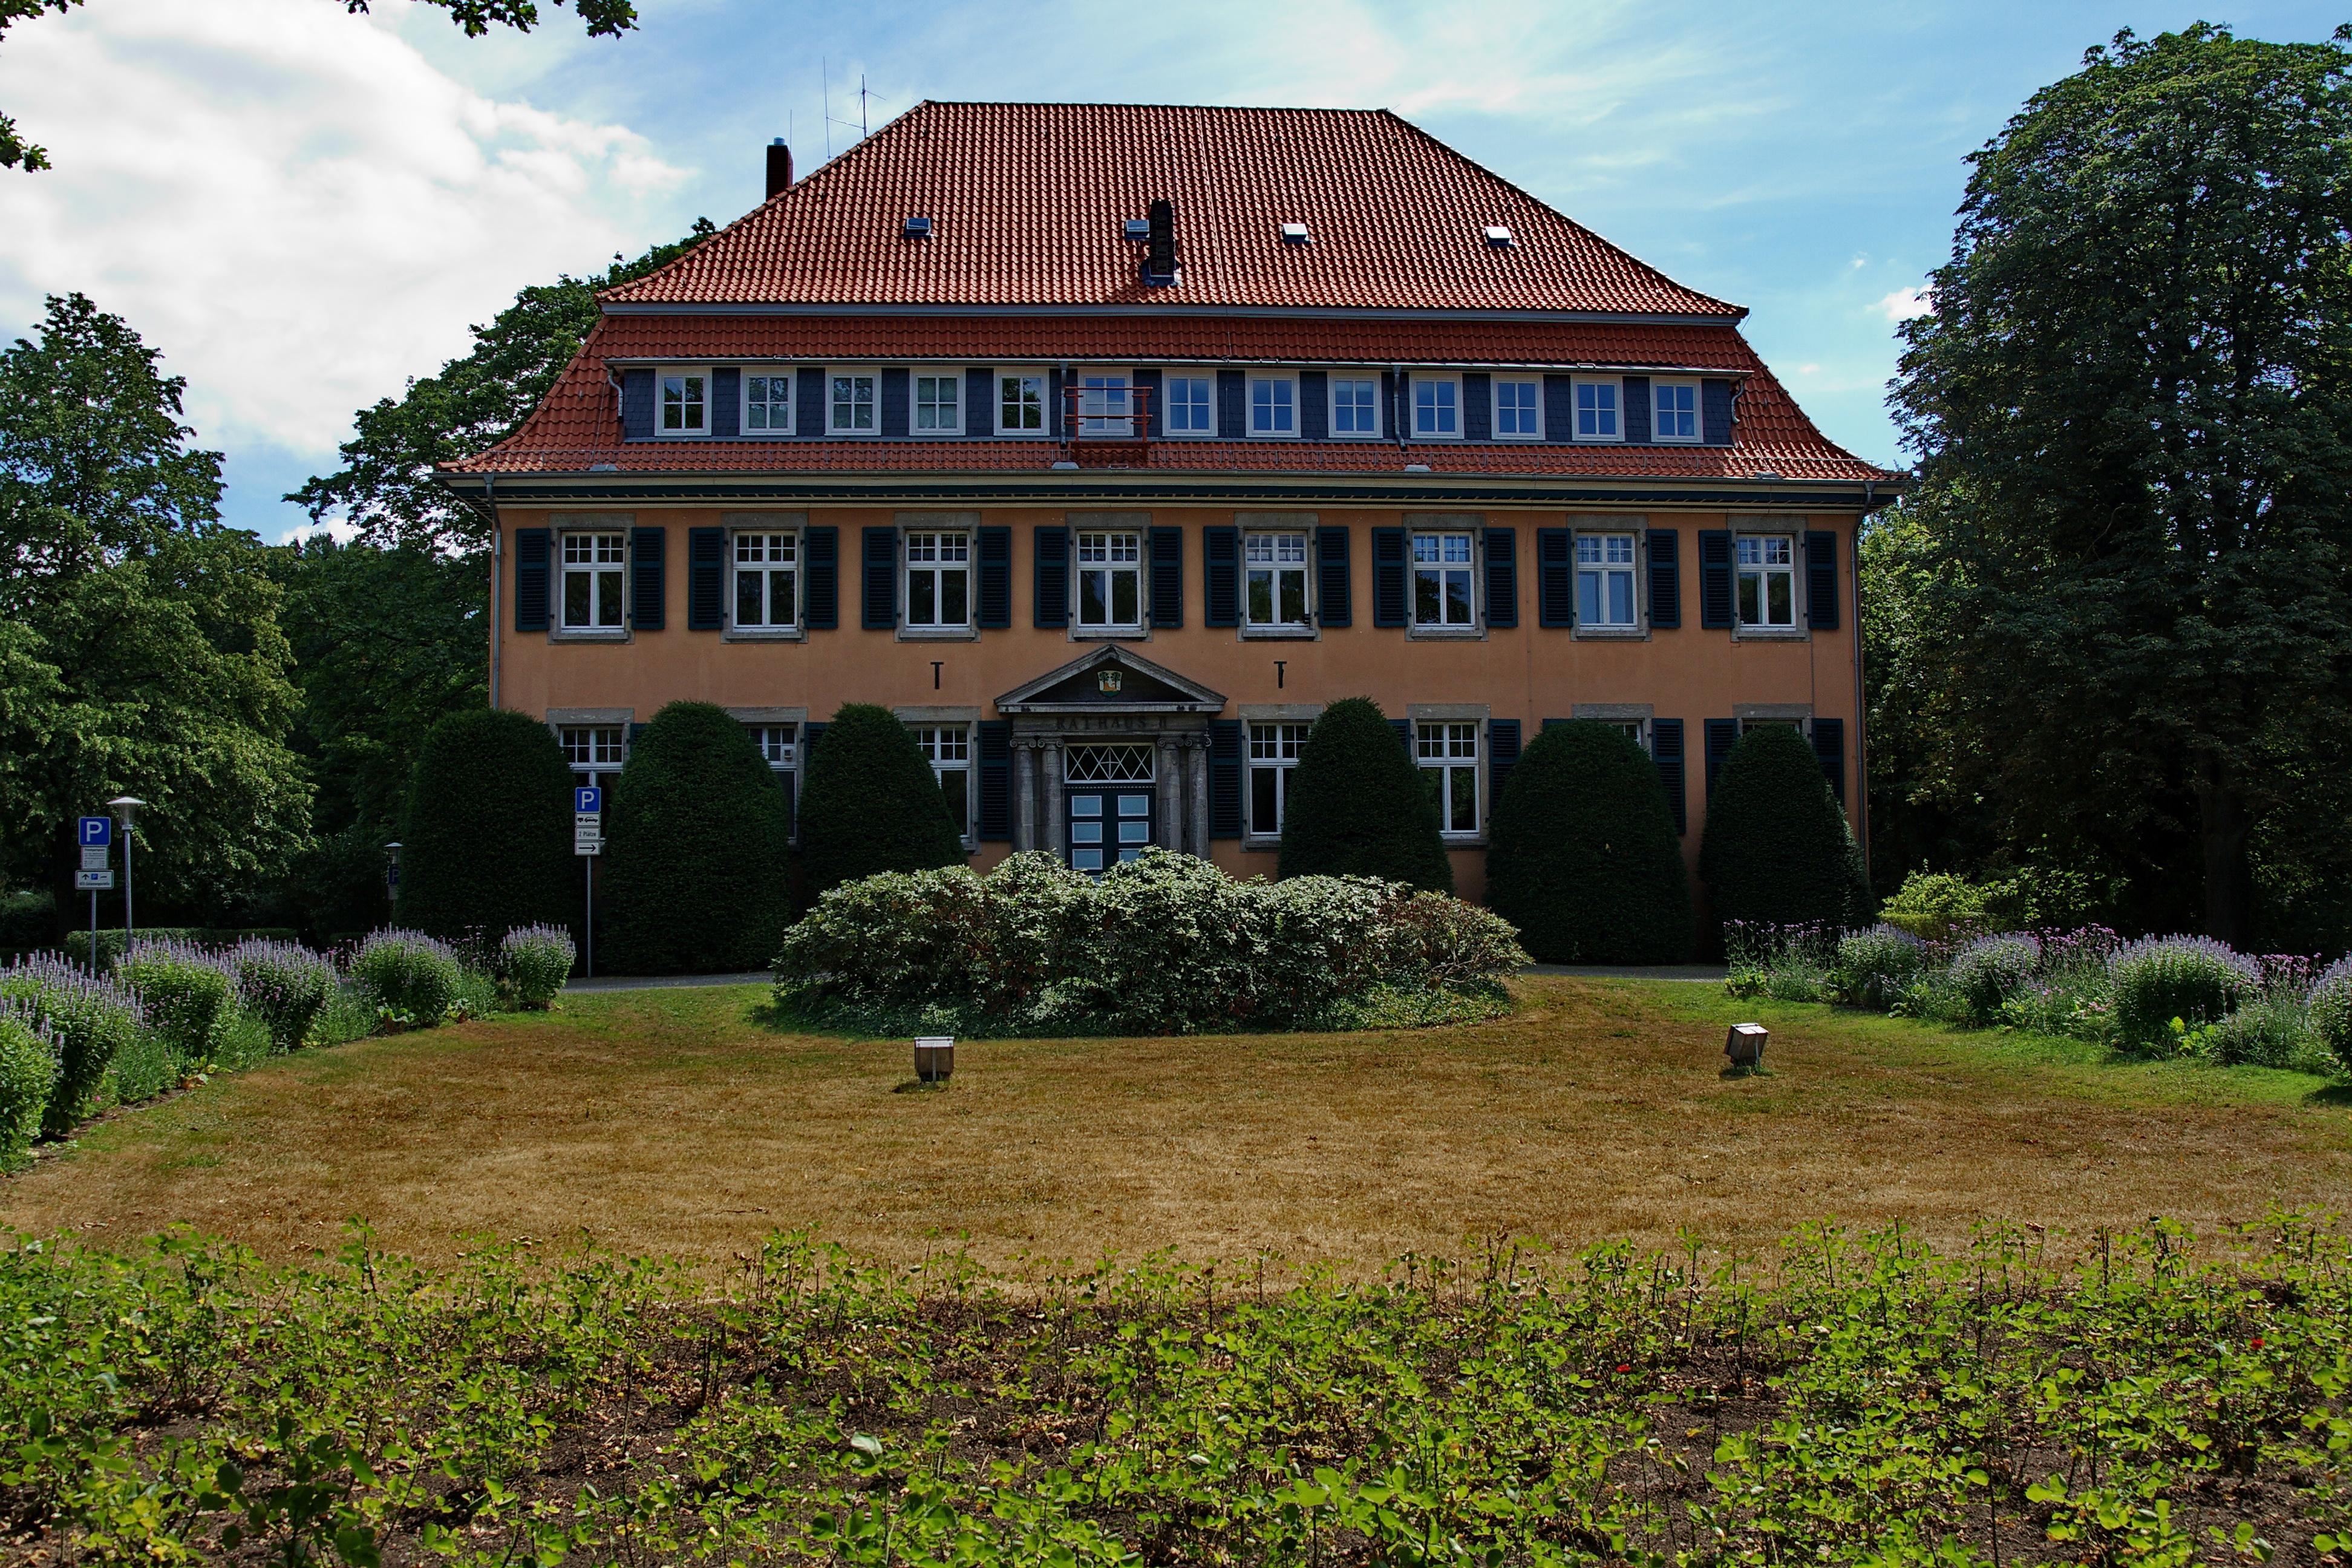 Bild von Burgdorf (Region Hannover): <center>Rathaus II</center>